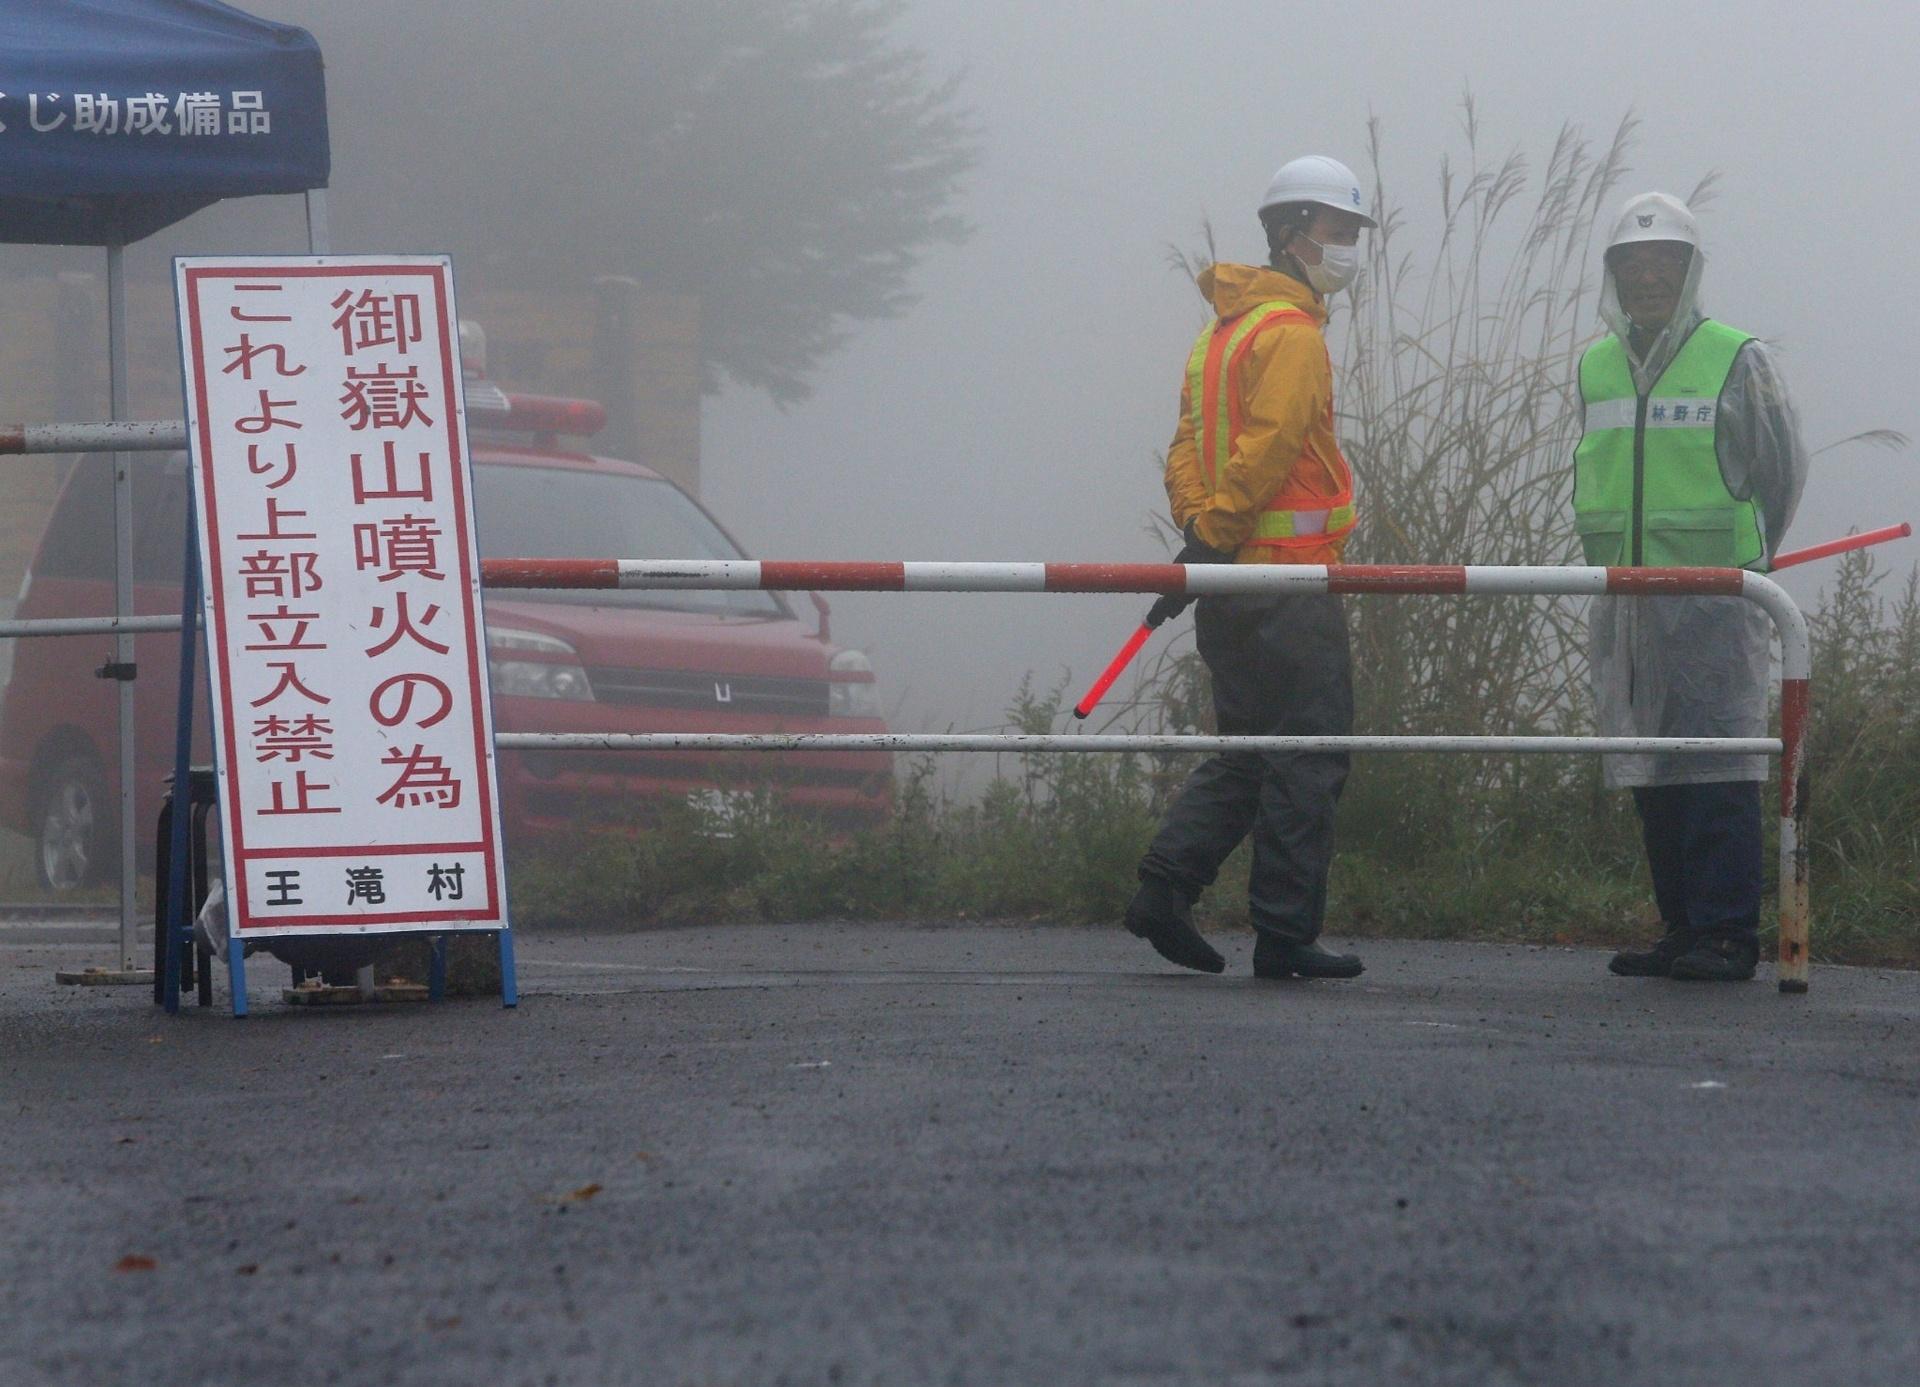 3.out.2014 - Seguranças fazem guarda em uma fechada prócima ao monte Ontake, no vilarejo de Otaki, próximo a Negano, no Japão, nesta sexta-feira (3). As autoridades japonesas informaram que 16 pessoas permanecem desaparecidas seis dias após a erupção do monte Ontake, o que deve ampliar o total de 47 mortes já confirmadas